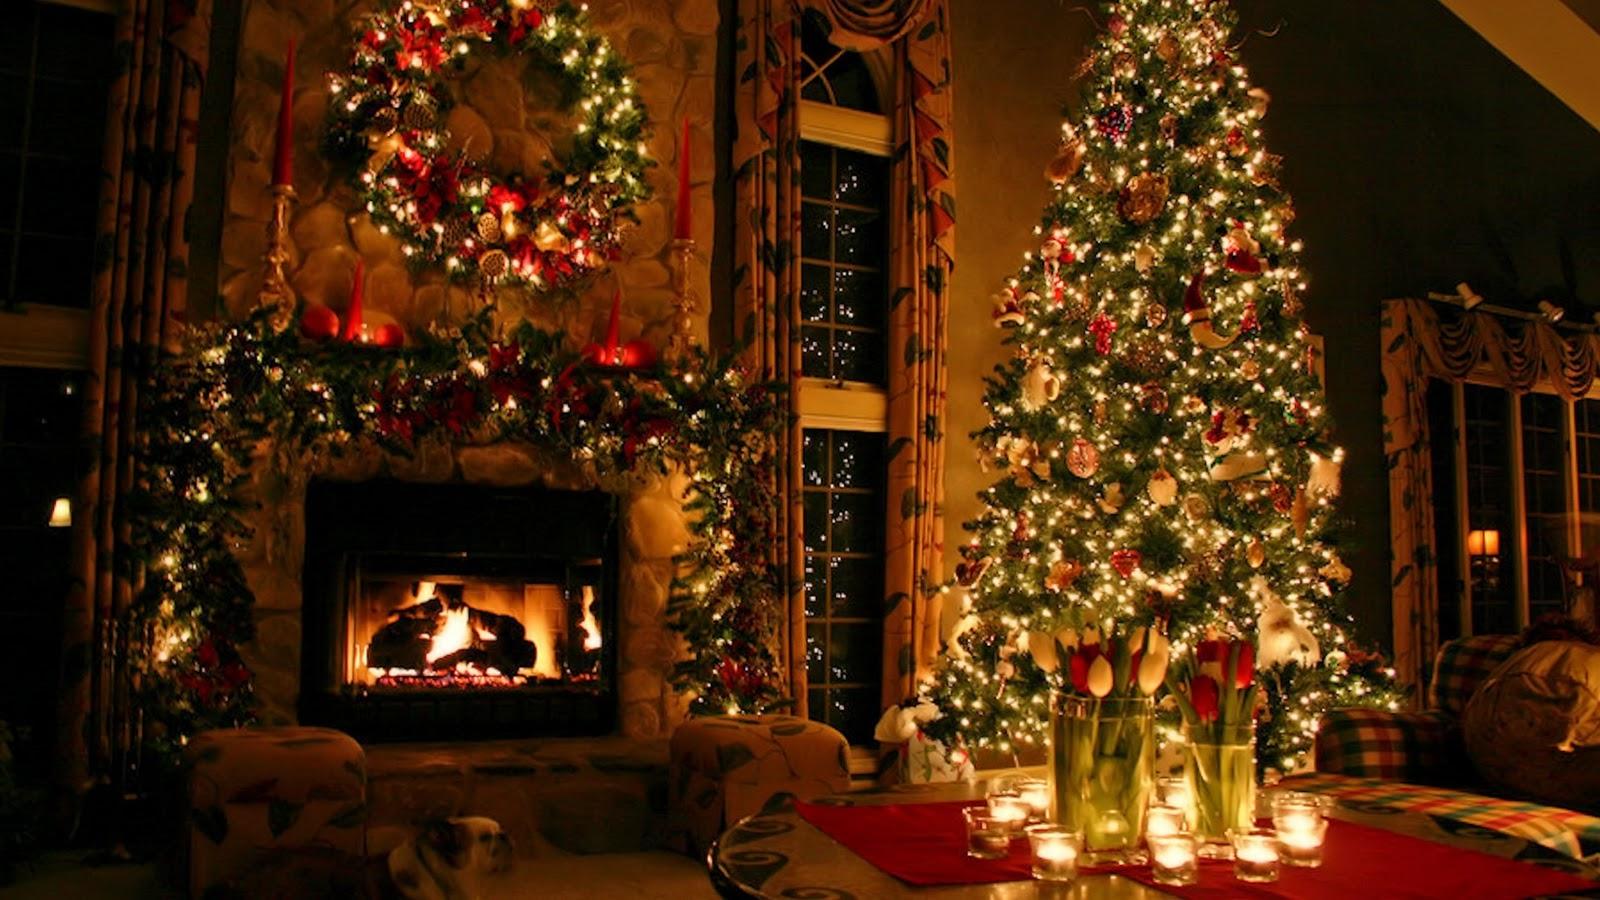 Download Desktop wallpaper 2010 Christmas Wallpapers 1600x900